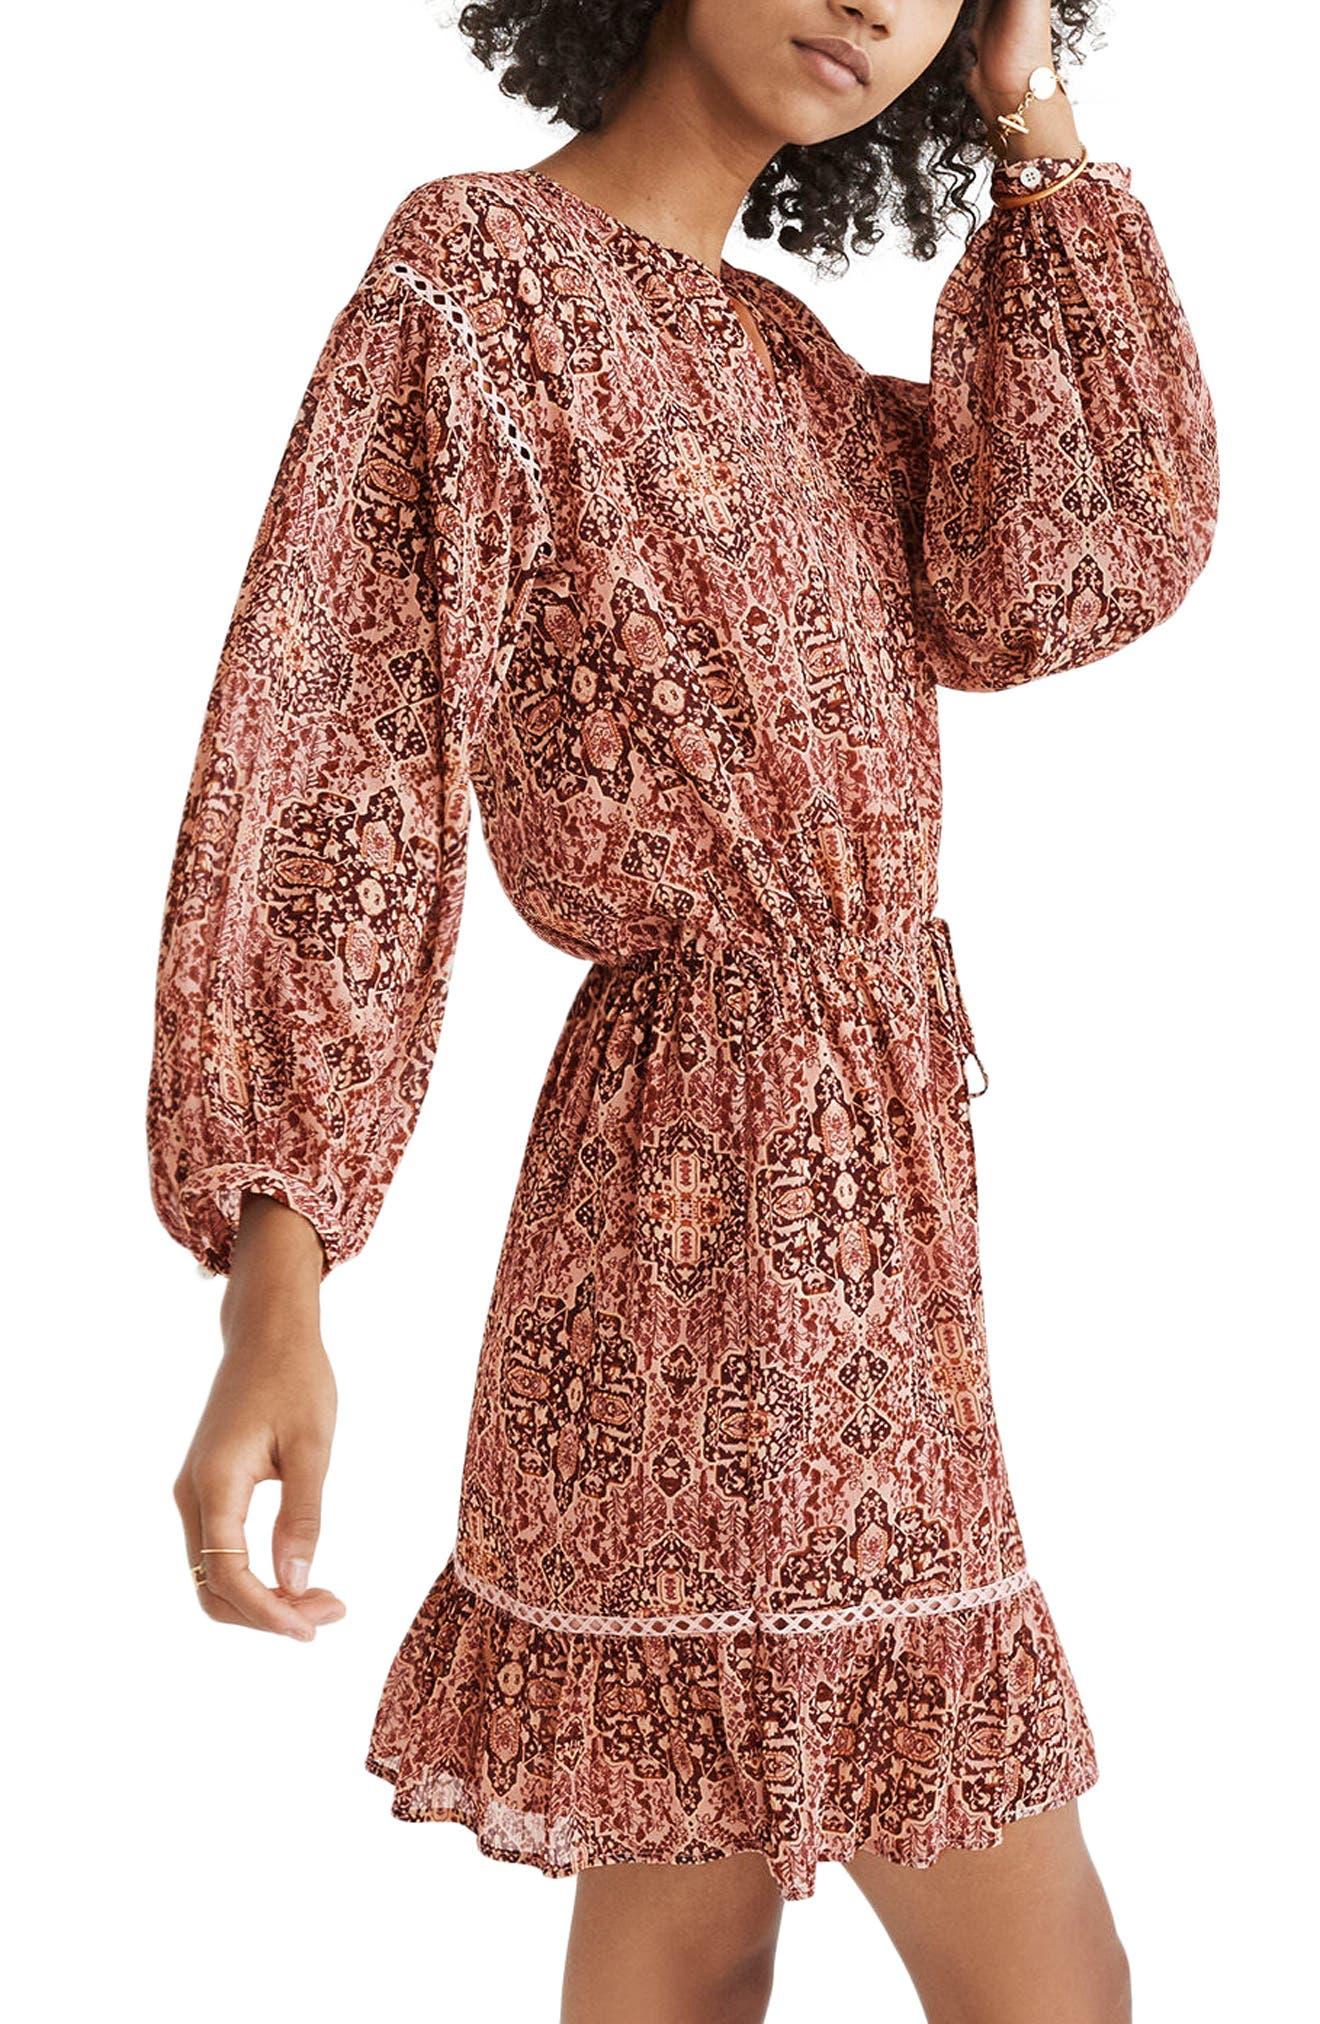 Drawstring Peasant Dress,                             Main thumbnail 1, color,                             650